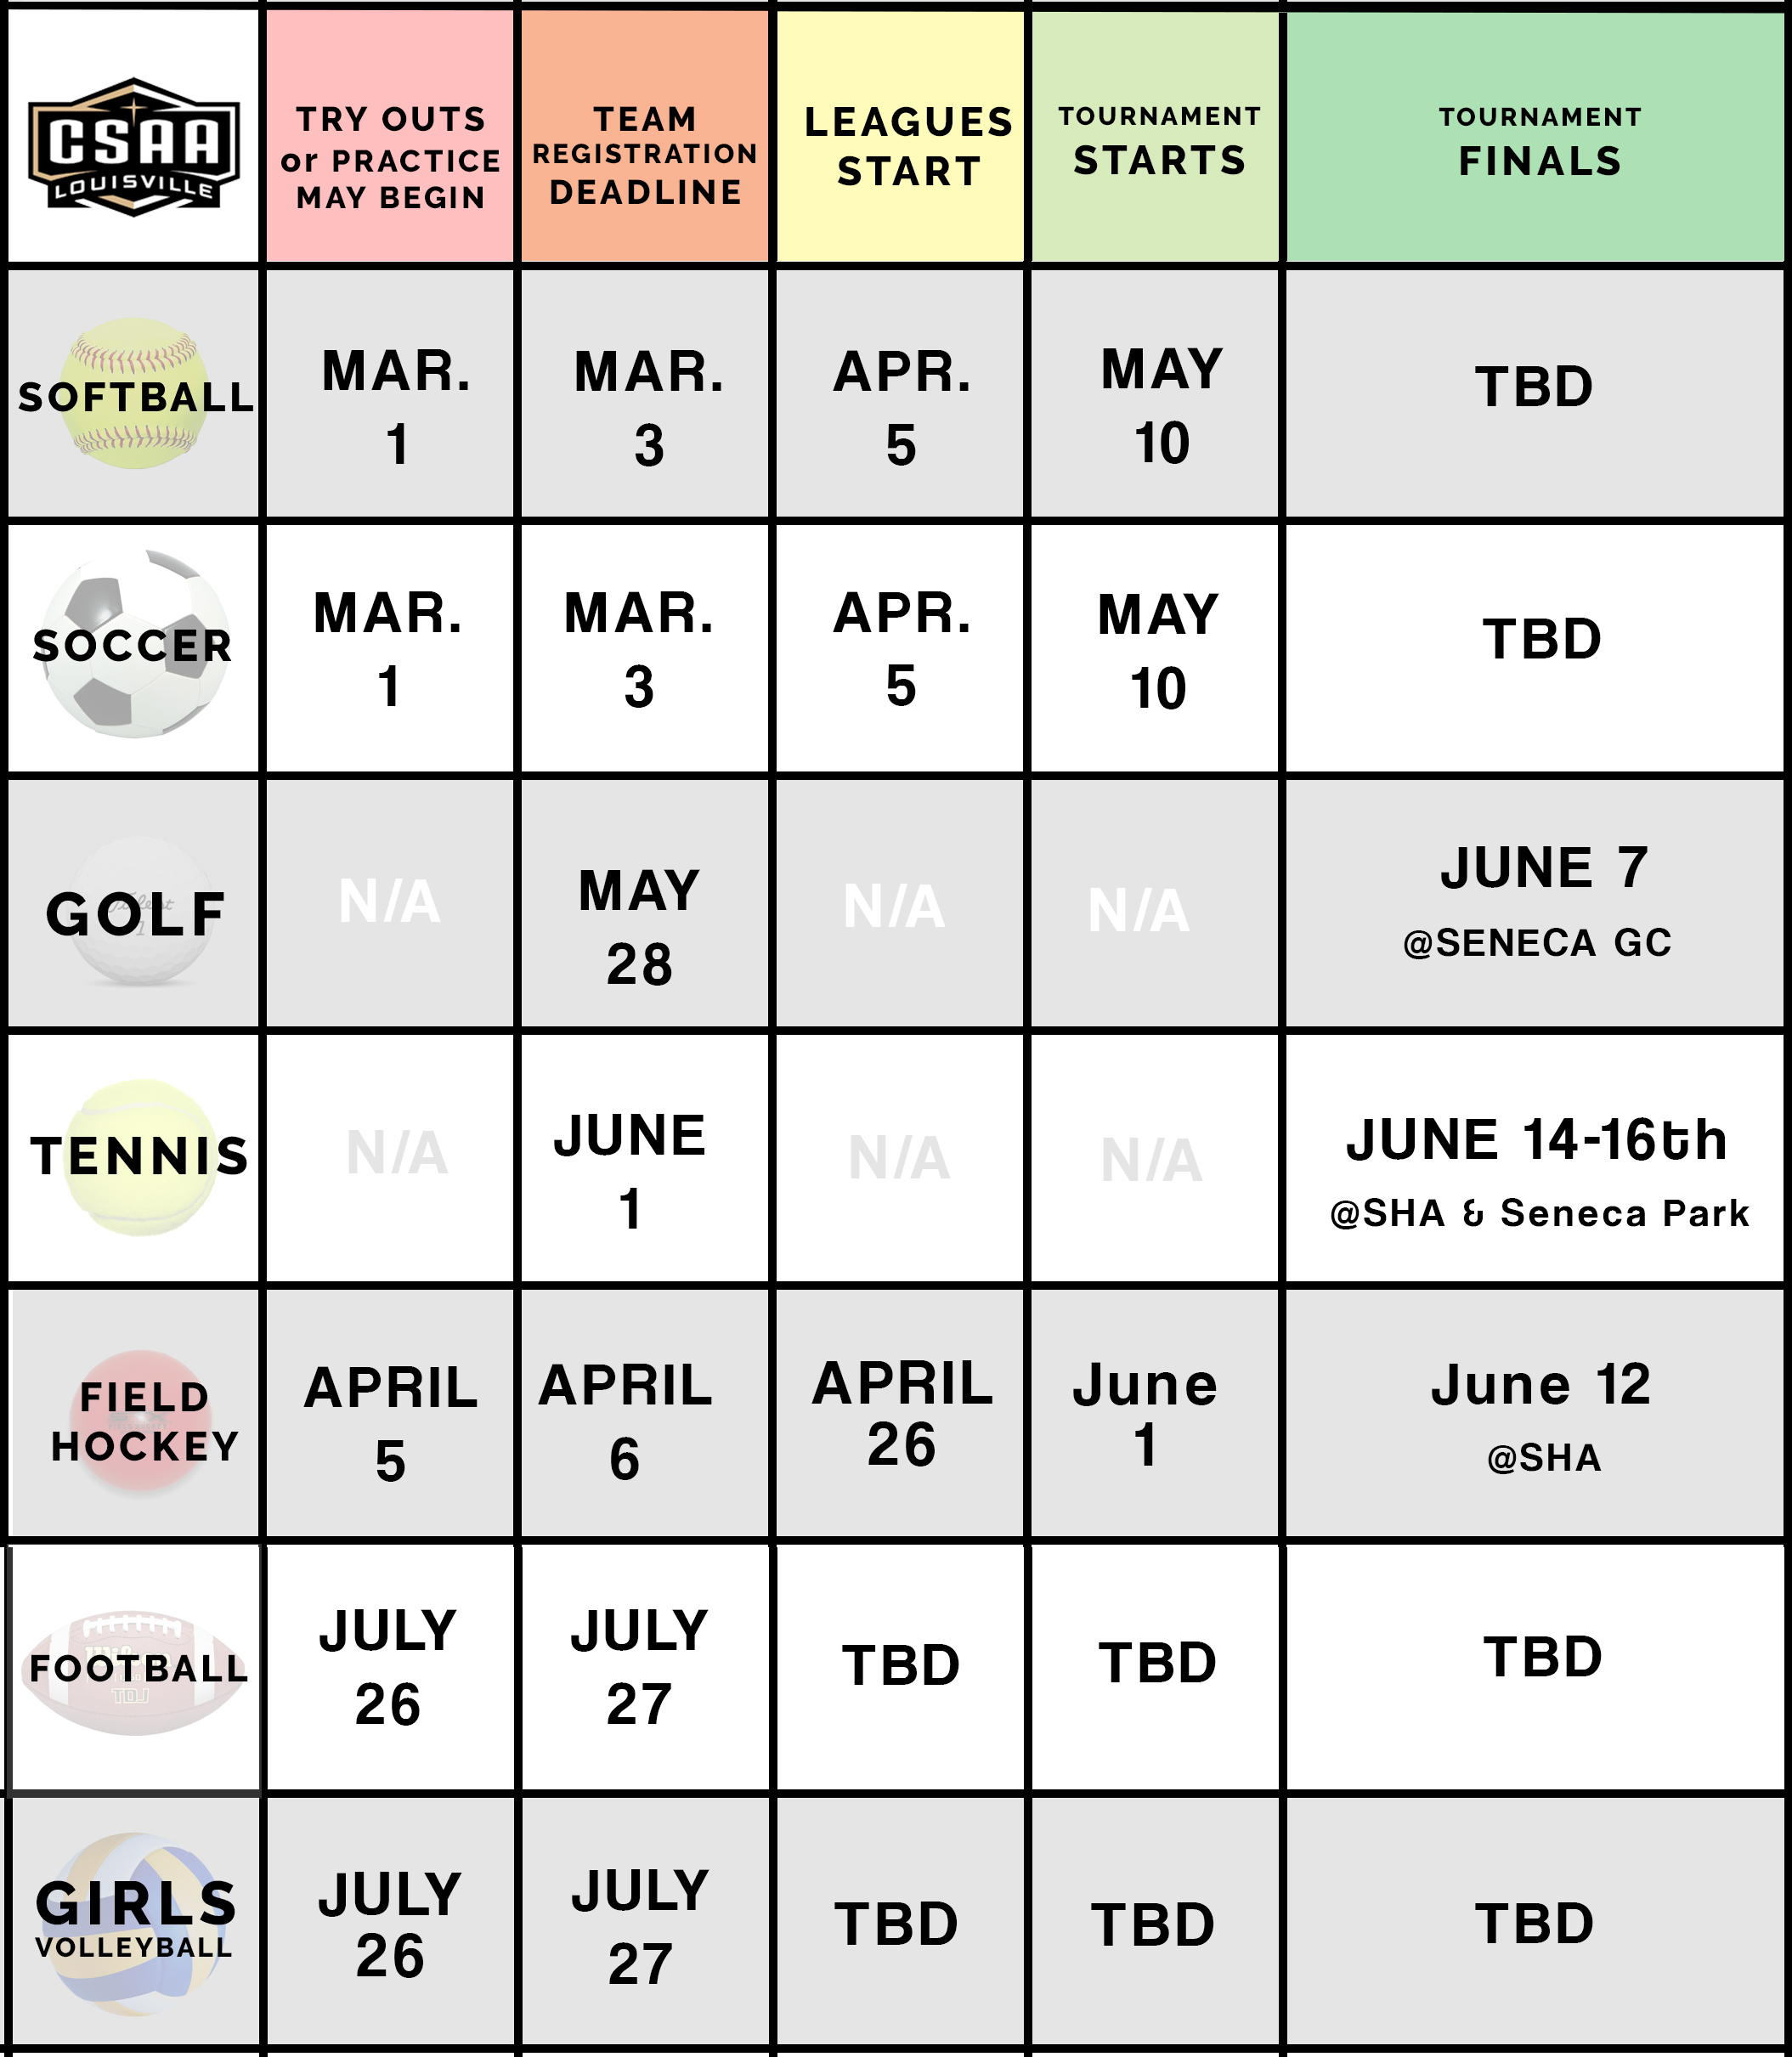 https://loucsaa.net/wp-content/uploads/2021/05/CSAA-Sports-Calendar-May-2021.jpg